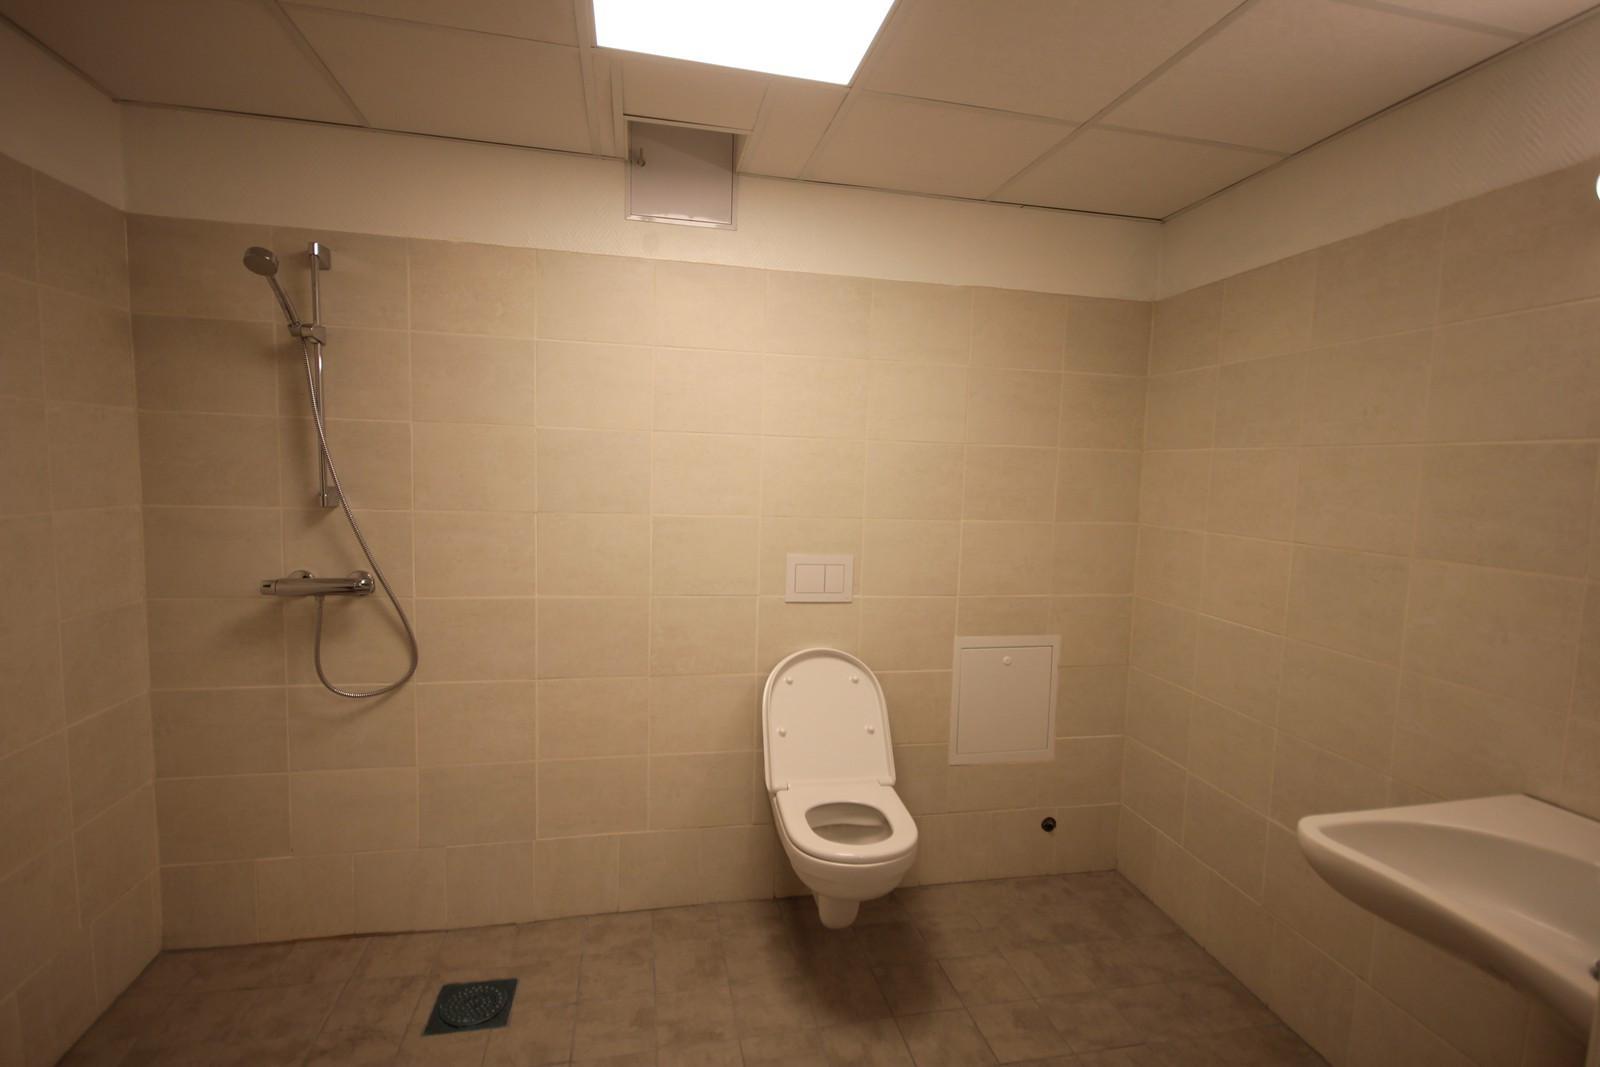 Toalett og dusj Messaninetasje